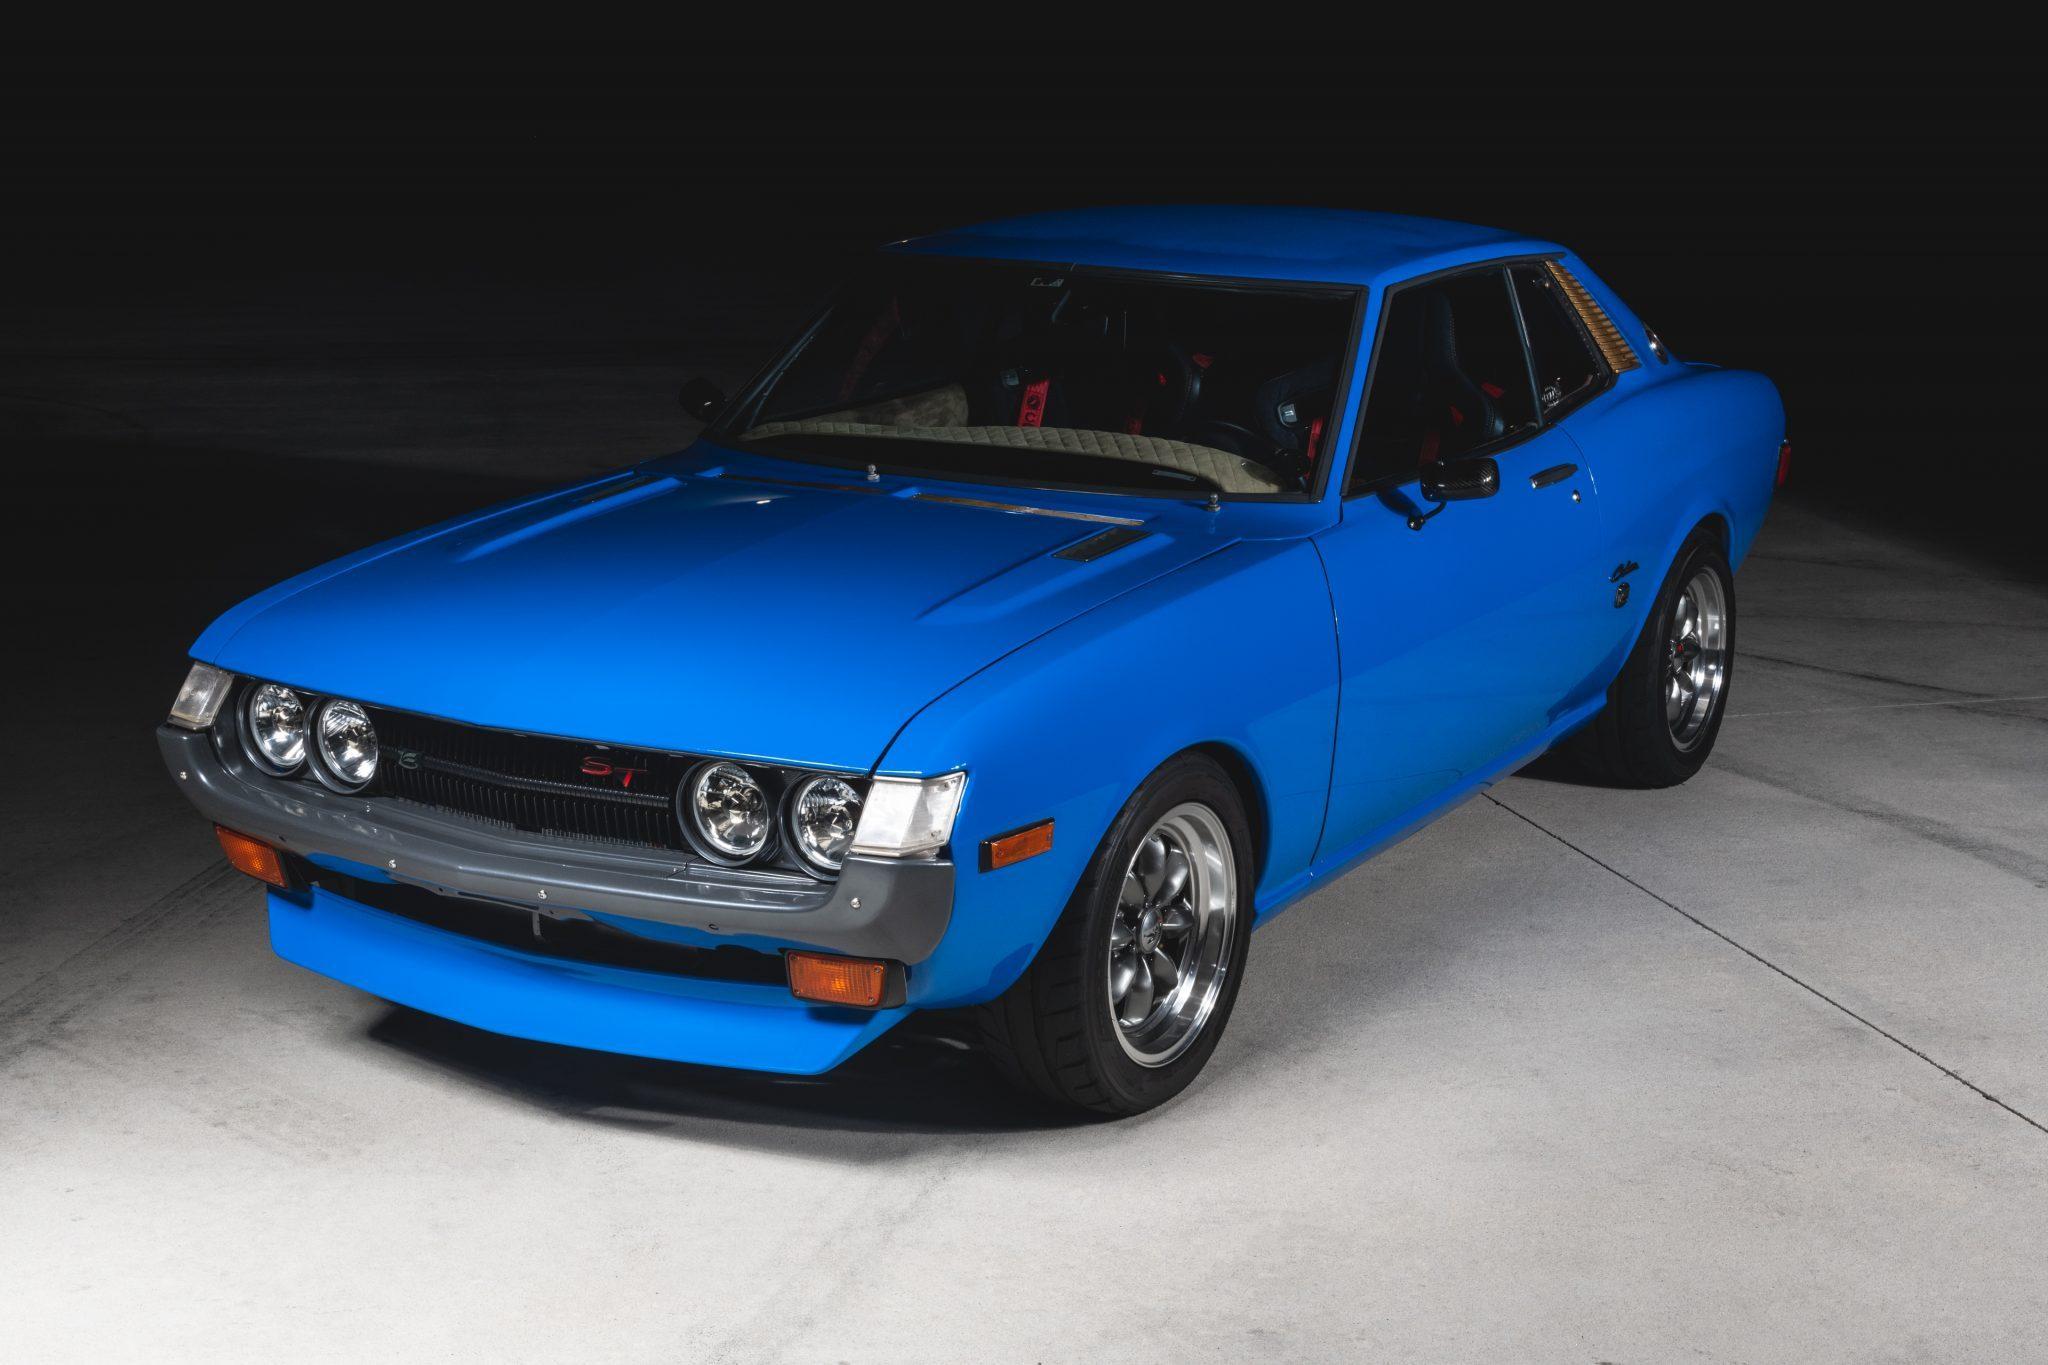 На онлайн-аукционе Bring A Trailer продаётся 47-летнее купе Toyota Celica, после реставрации не проехавшее и 1600 км. В лот включены инструменты, запчасти, паспорт ТС и проект реставрации.